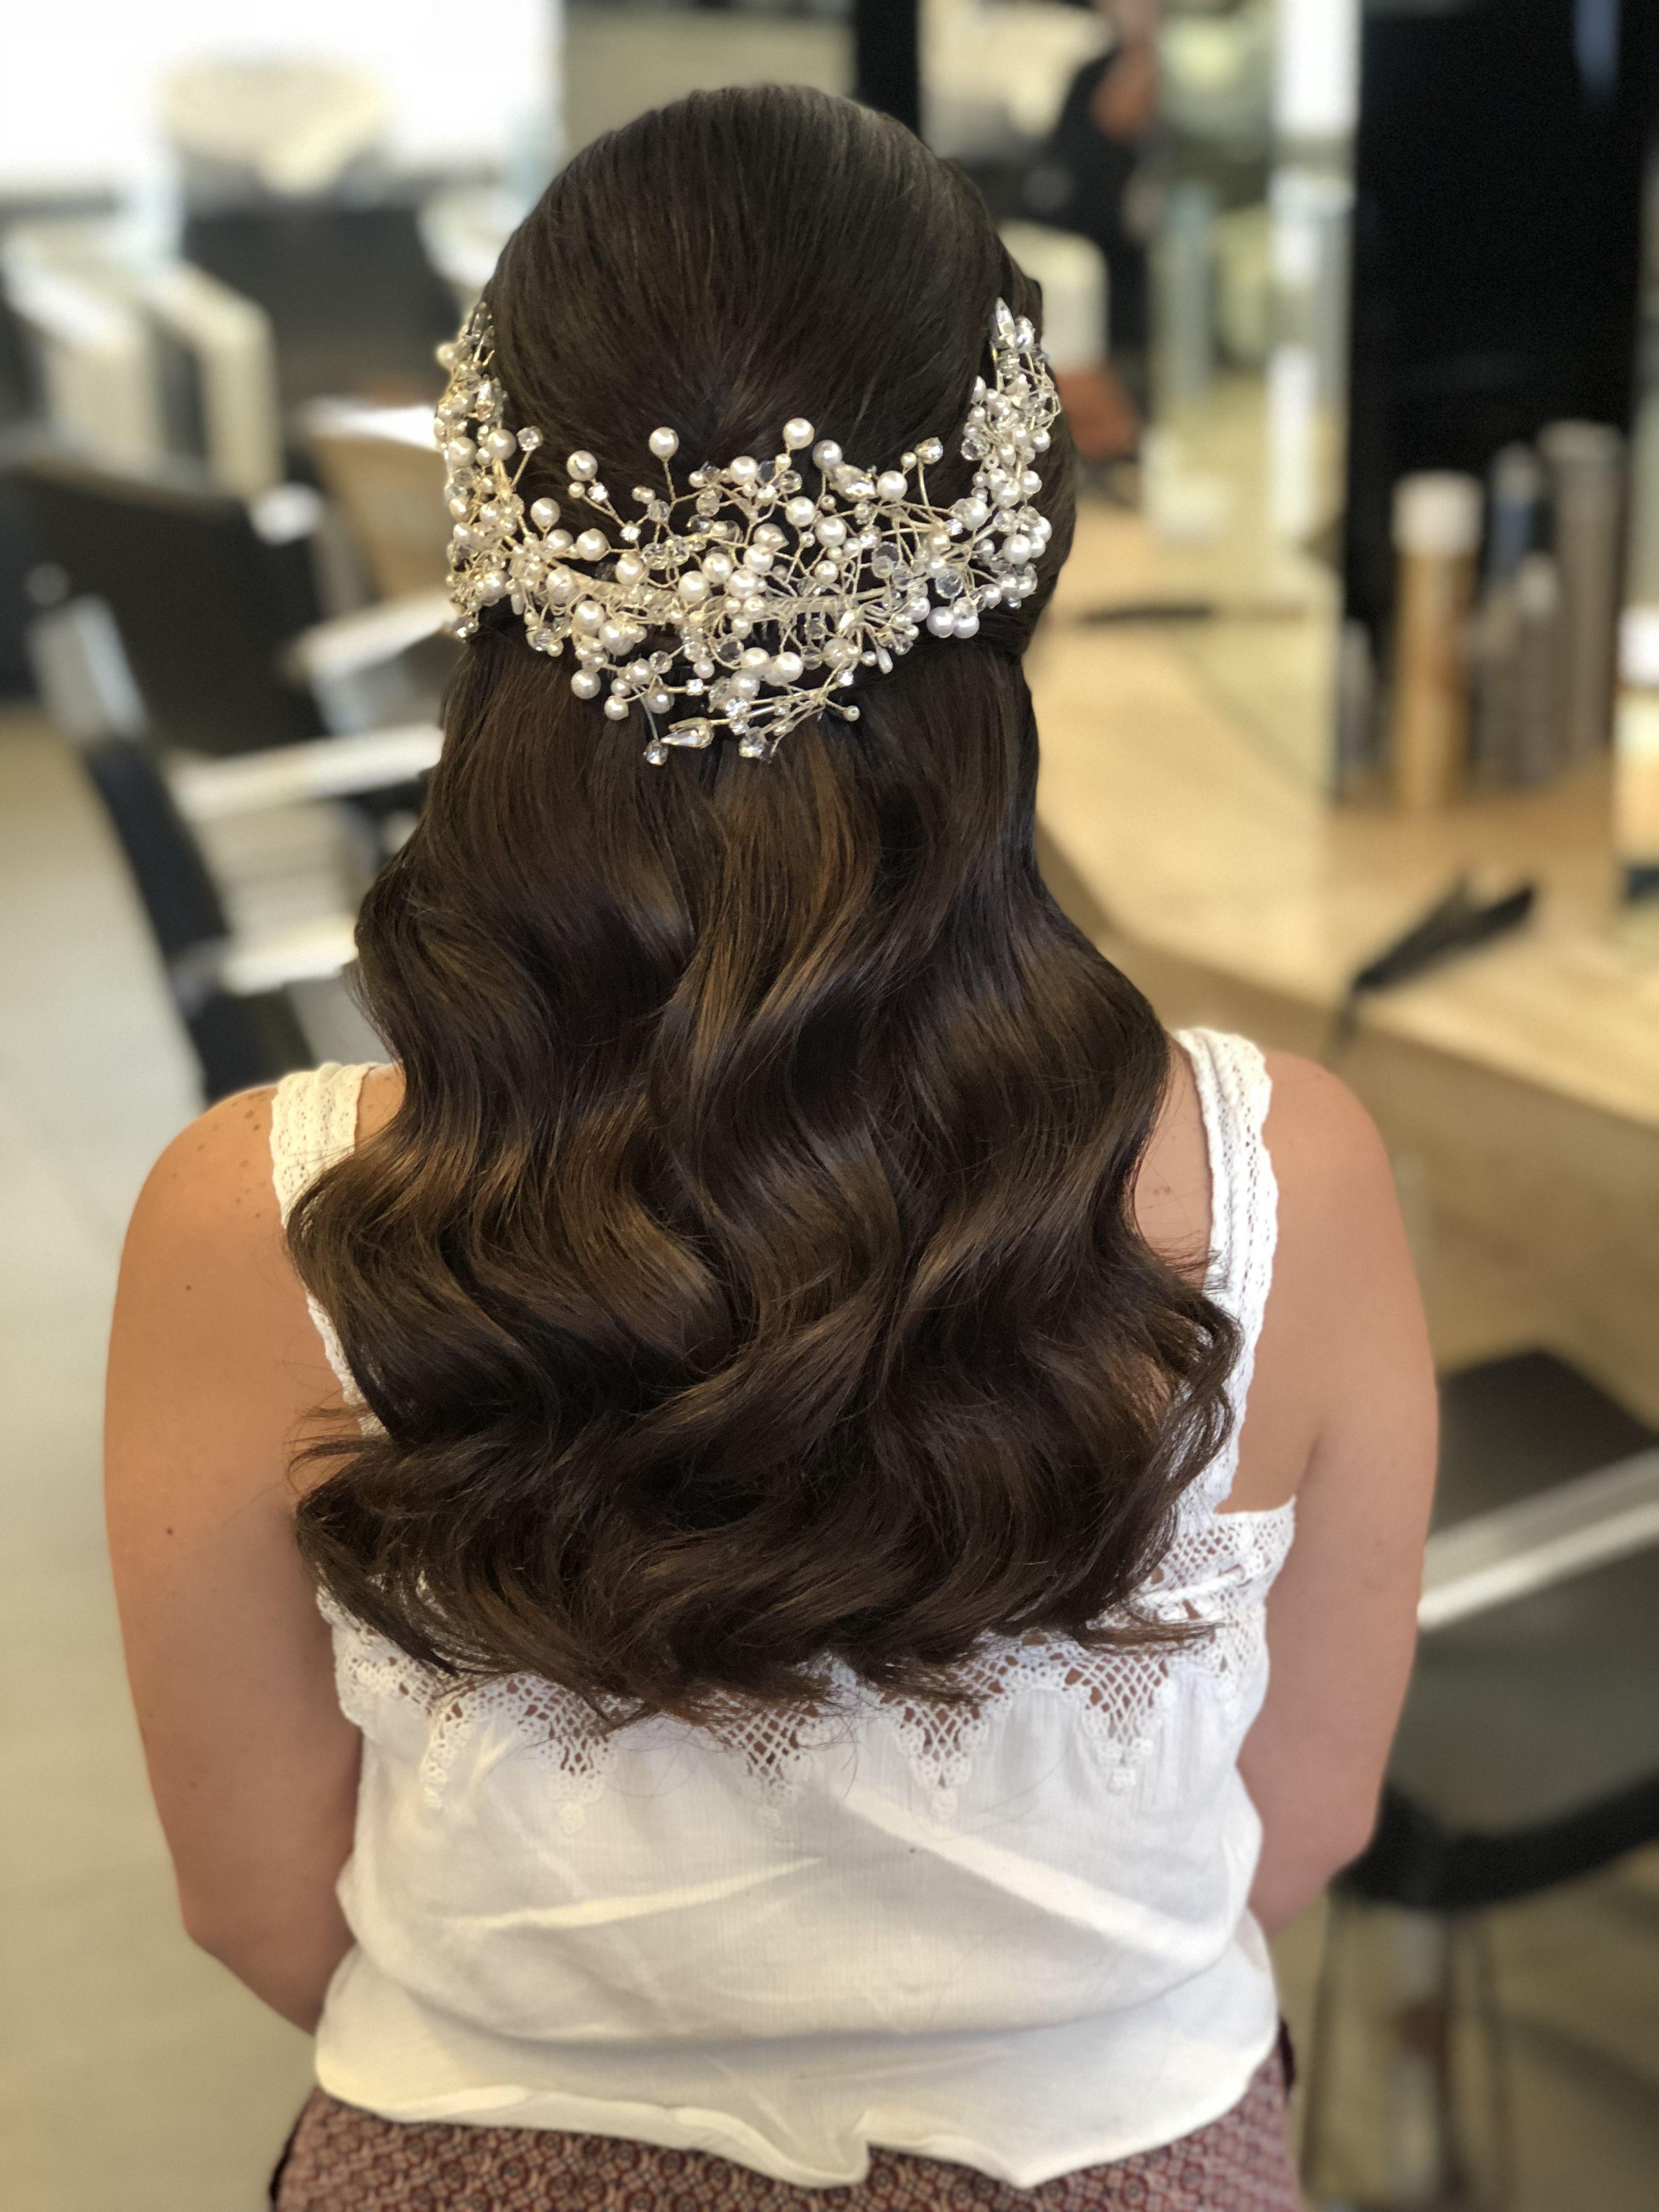 Wedding Hair With Combs Beach Wedding Hair Styles Half Up Wedding Hair Wedding Hair Accessories In 2020 Hair Styles Bride Hairstyles Wedding Hairstyles With Veil